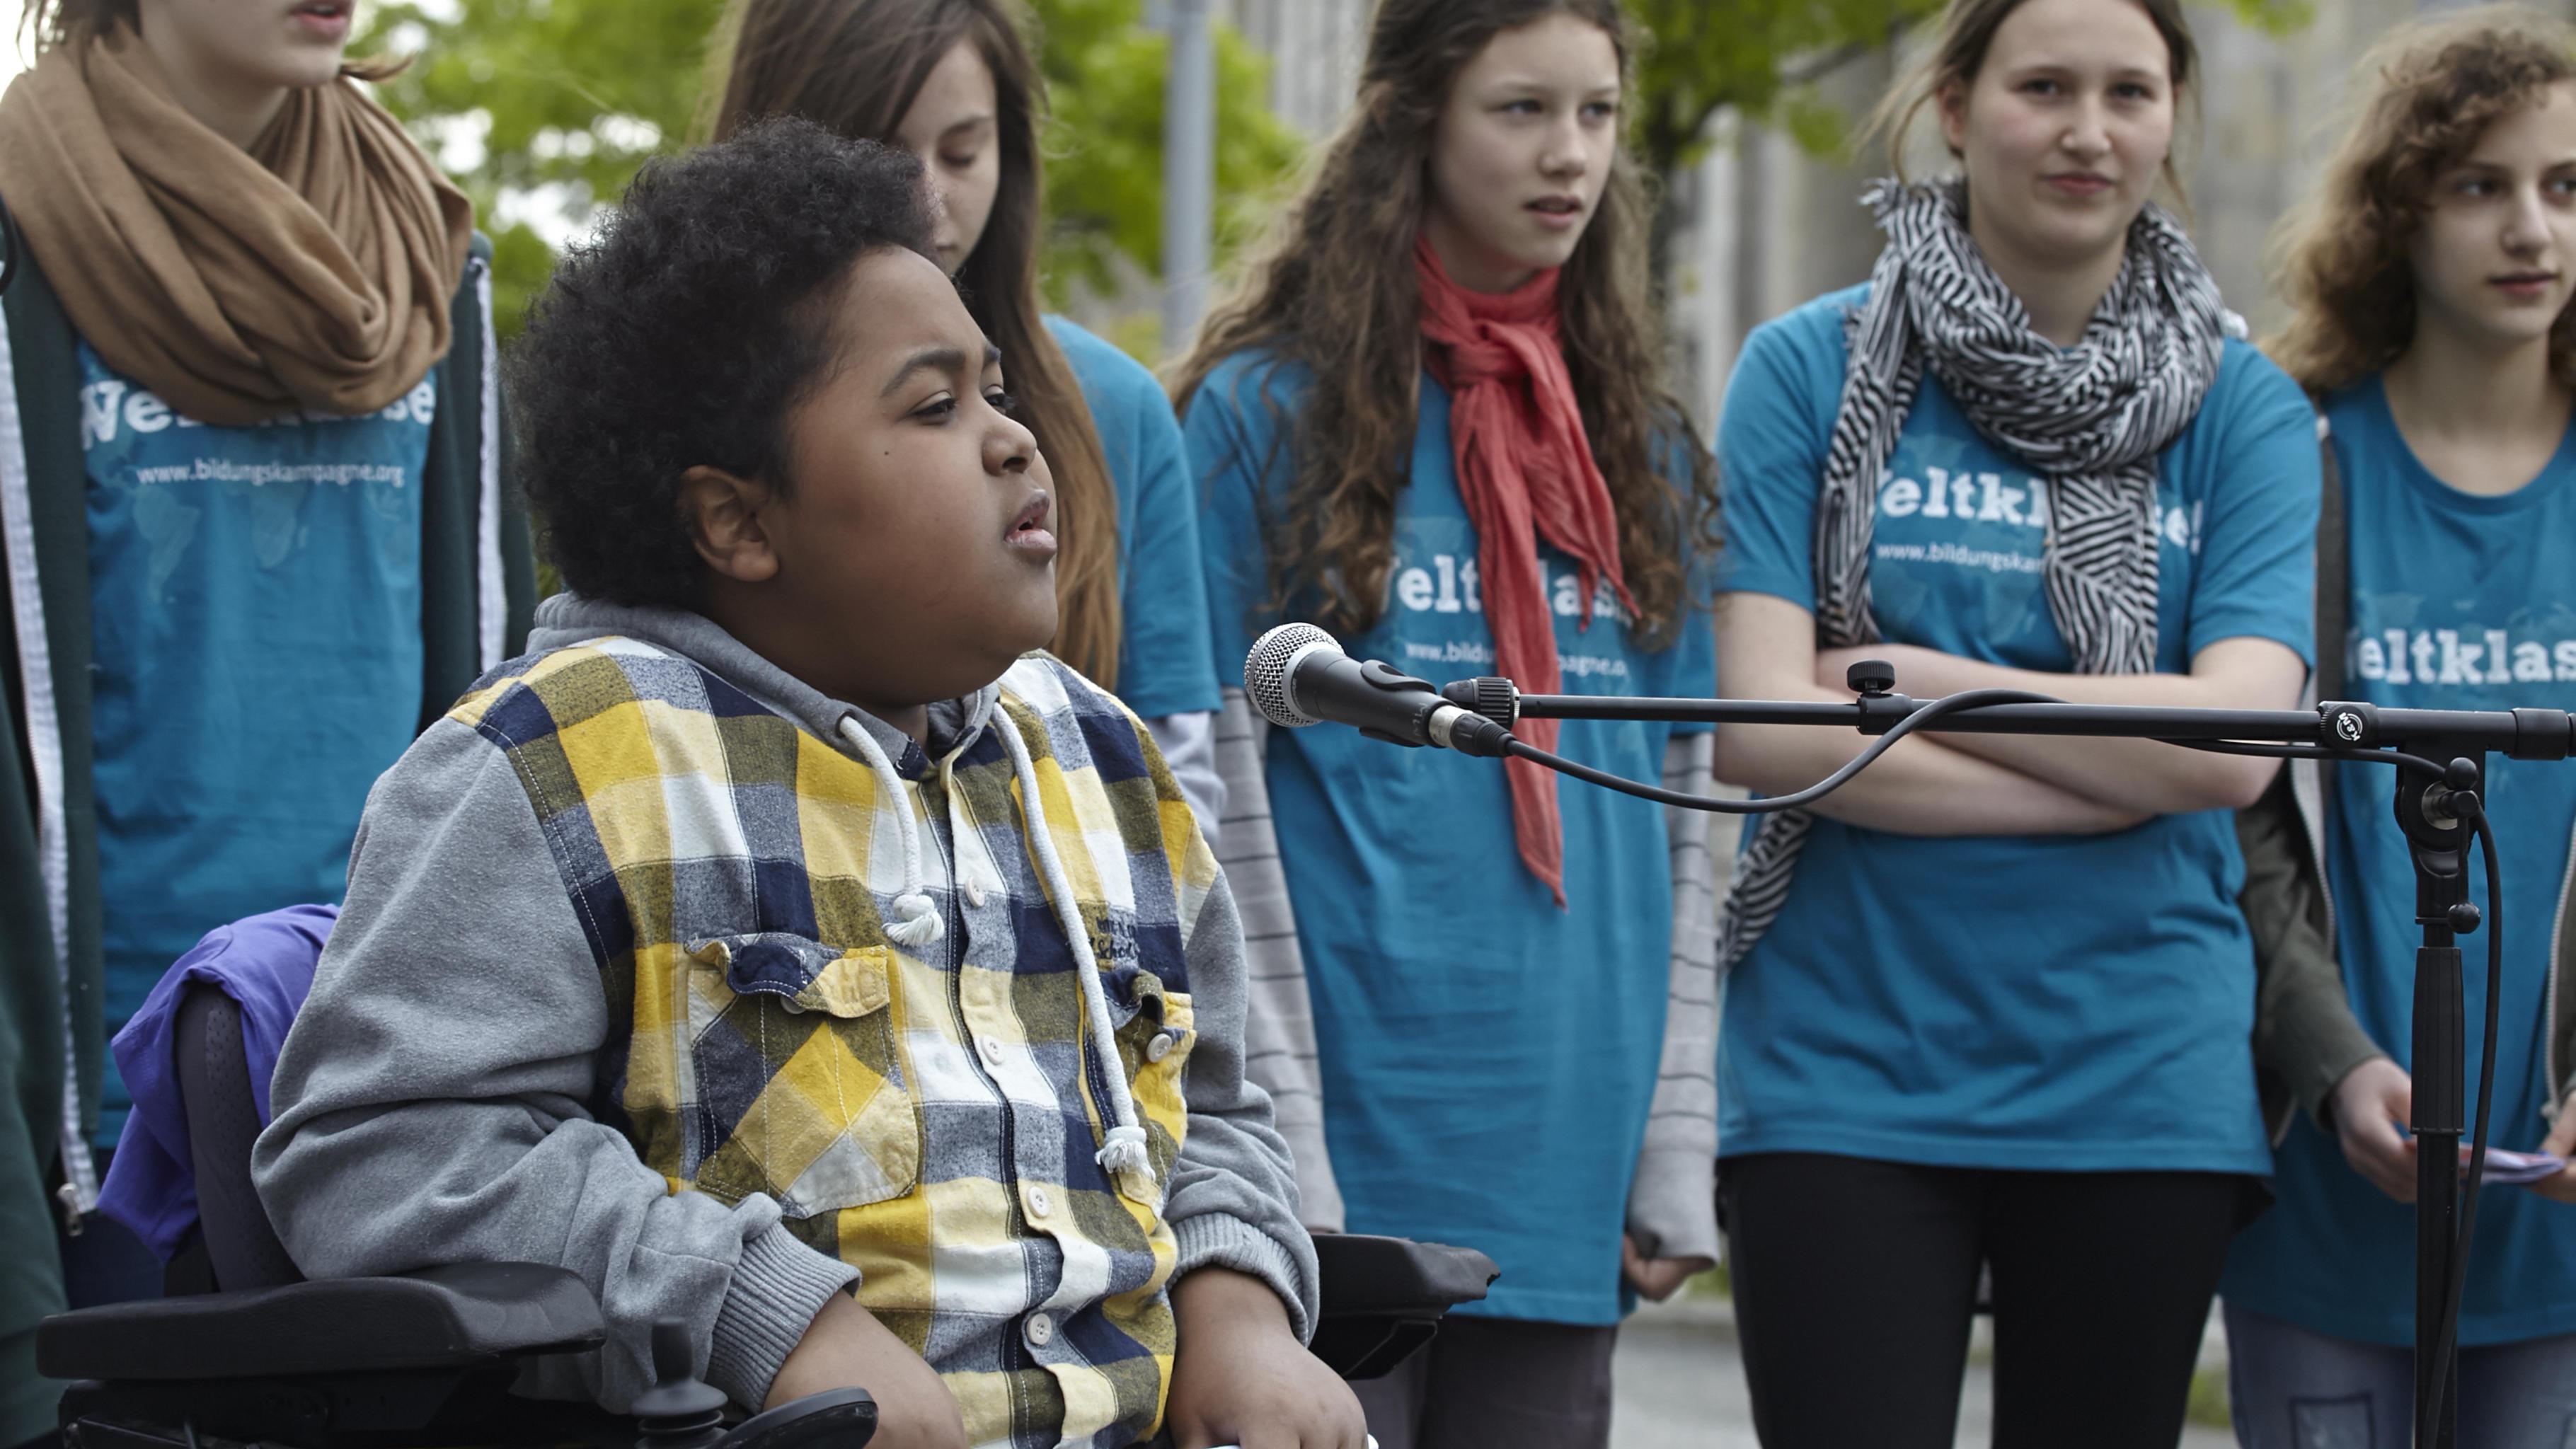 Schüler/innen, Rollstuhl-Rapper Graf Fidi und Bundestagsabgeordnete reißen Mauer